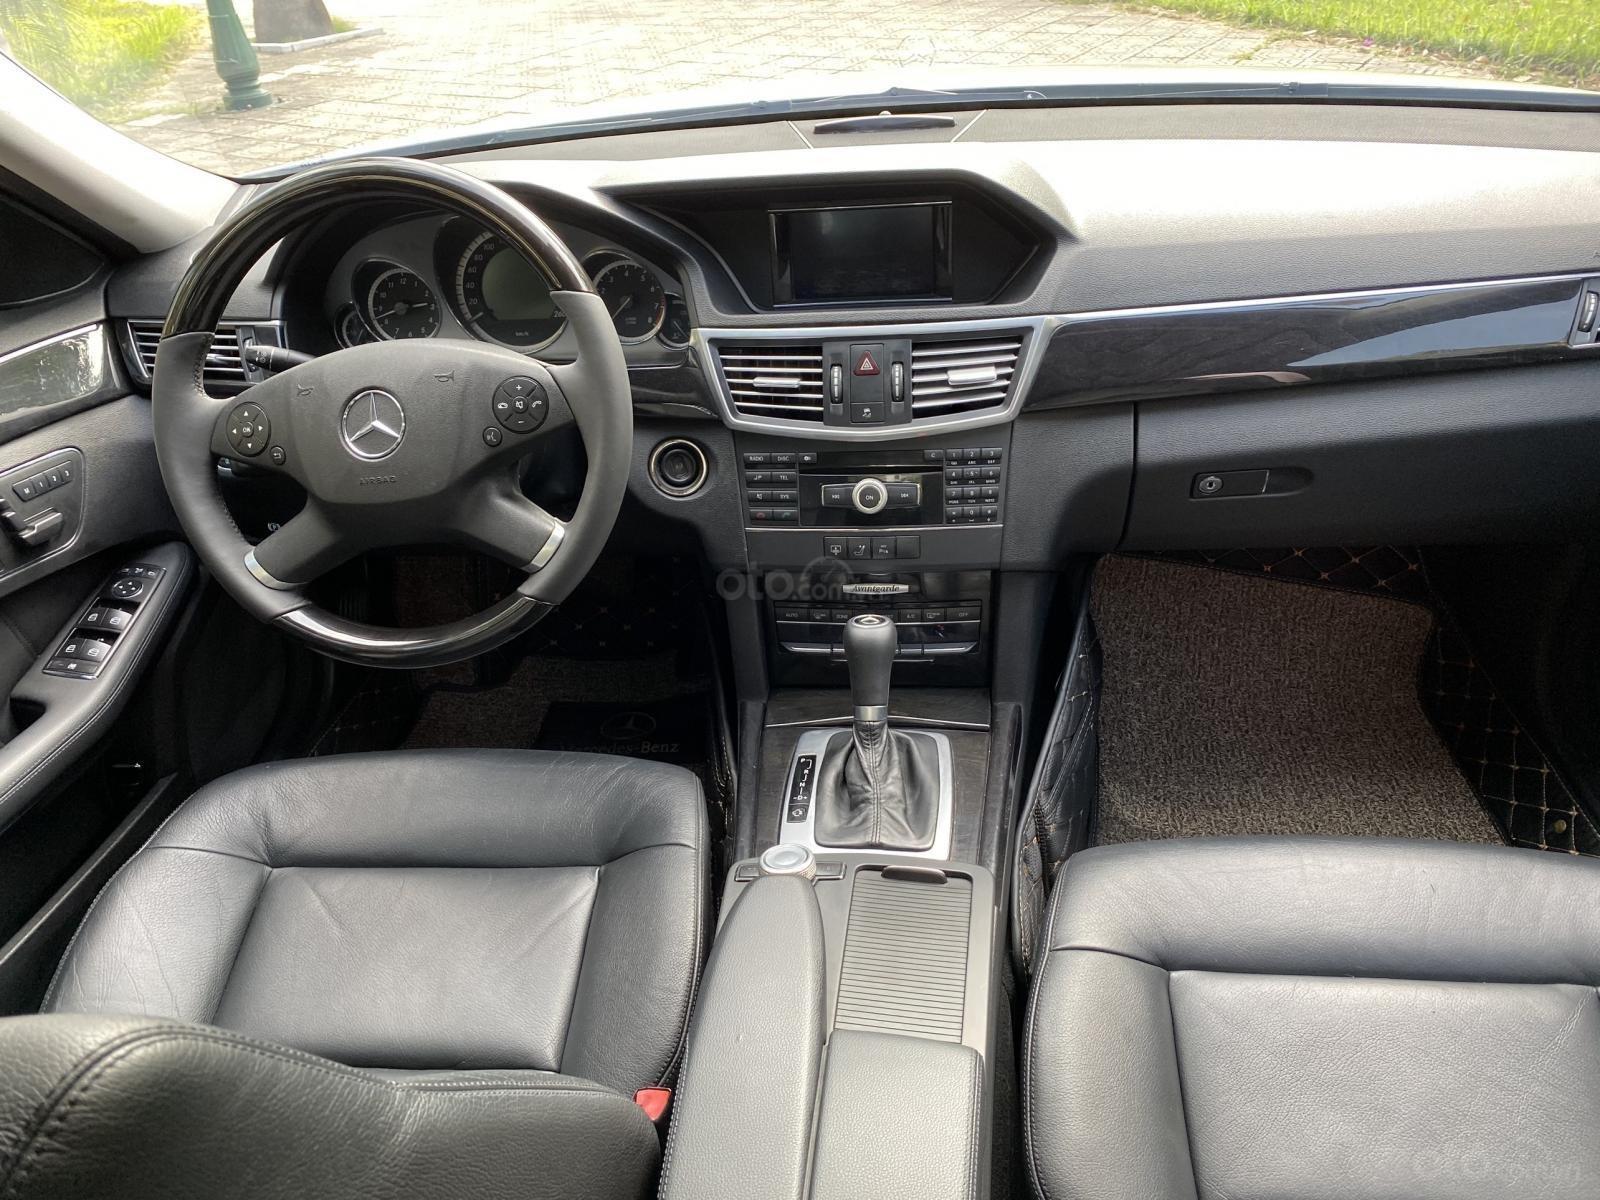 Xe Mercedes Benz E class E250 sx 2009 giá 528 triệu (11)